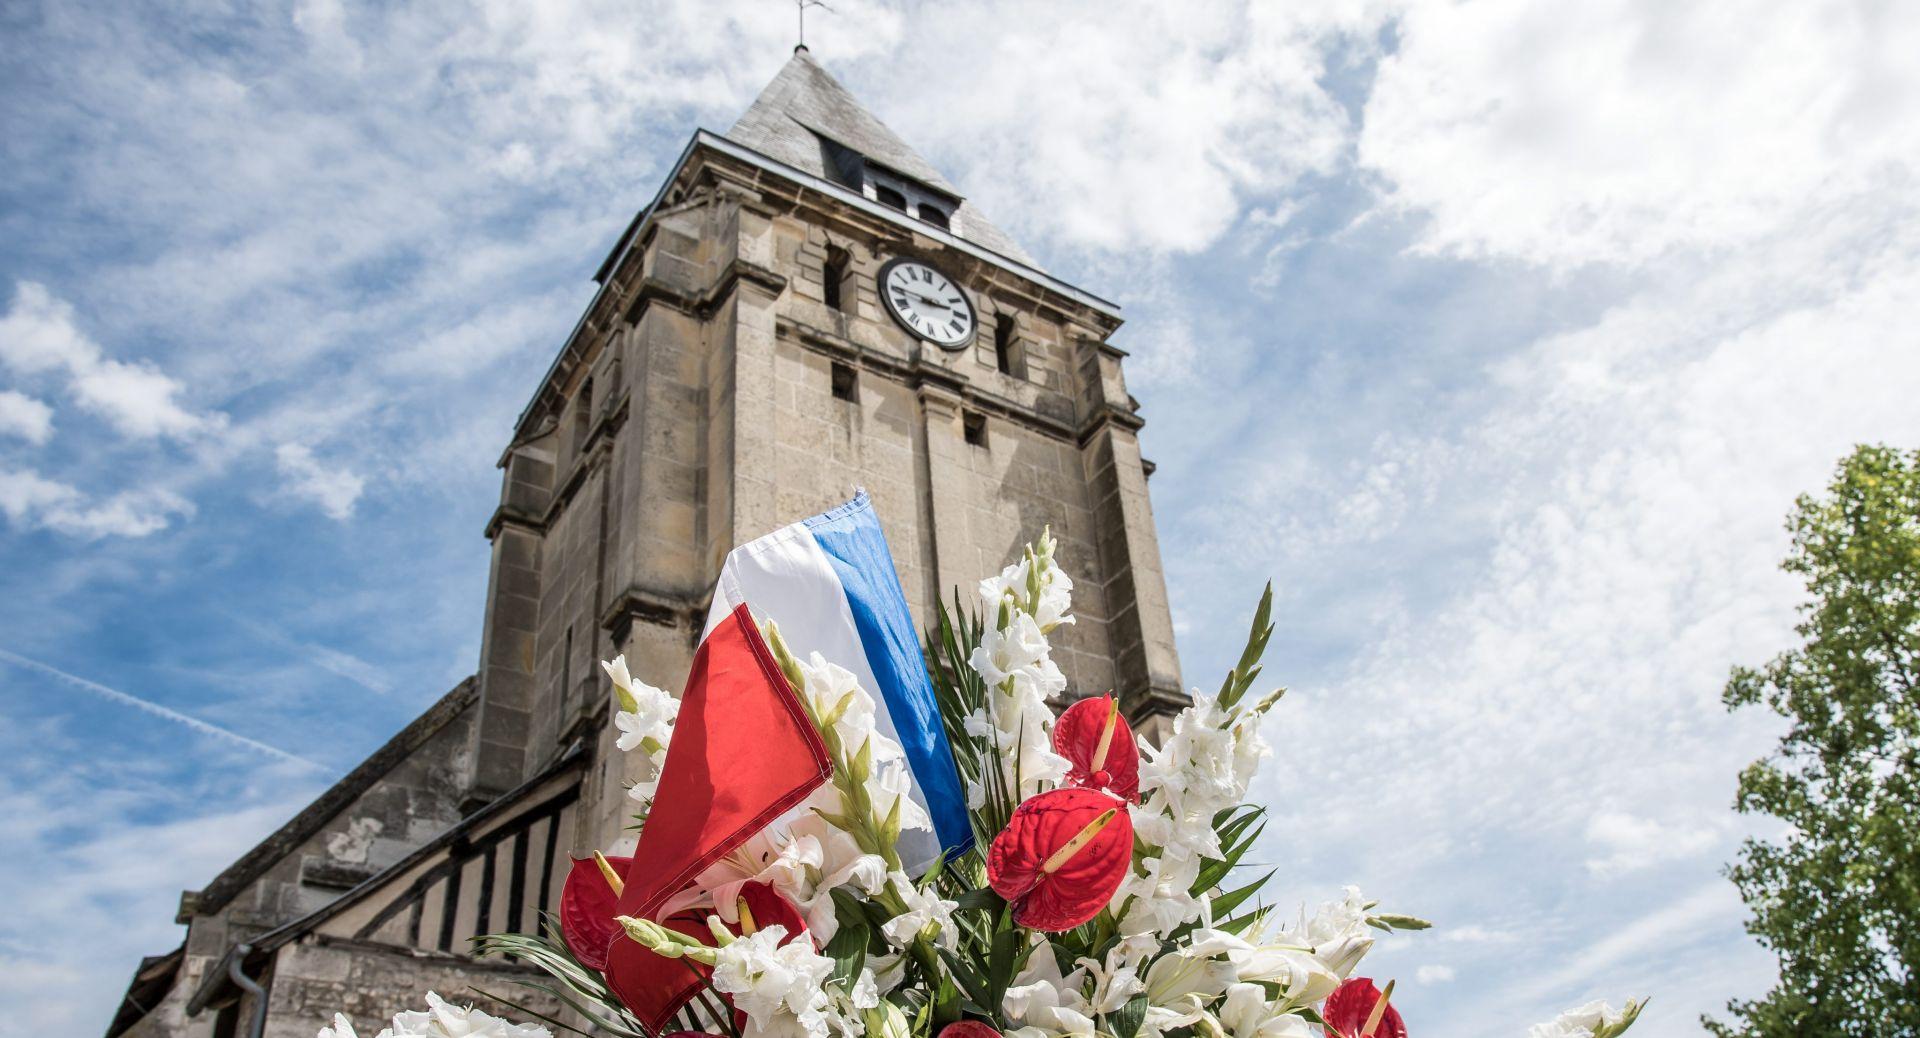 FRANCUSKI MEDIJI Prijatelj ubojice svećenika samo nekoliko dana prije napada uhićen u Ženevi